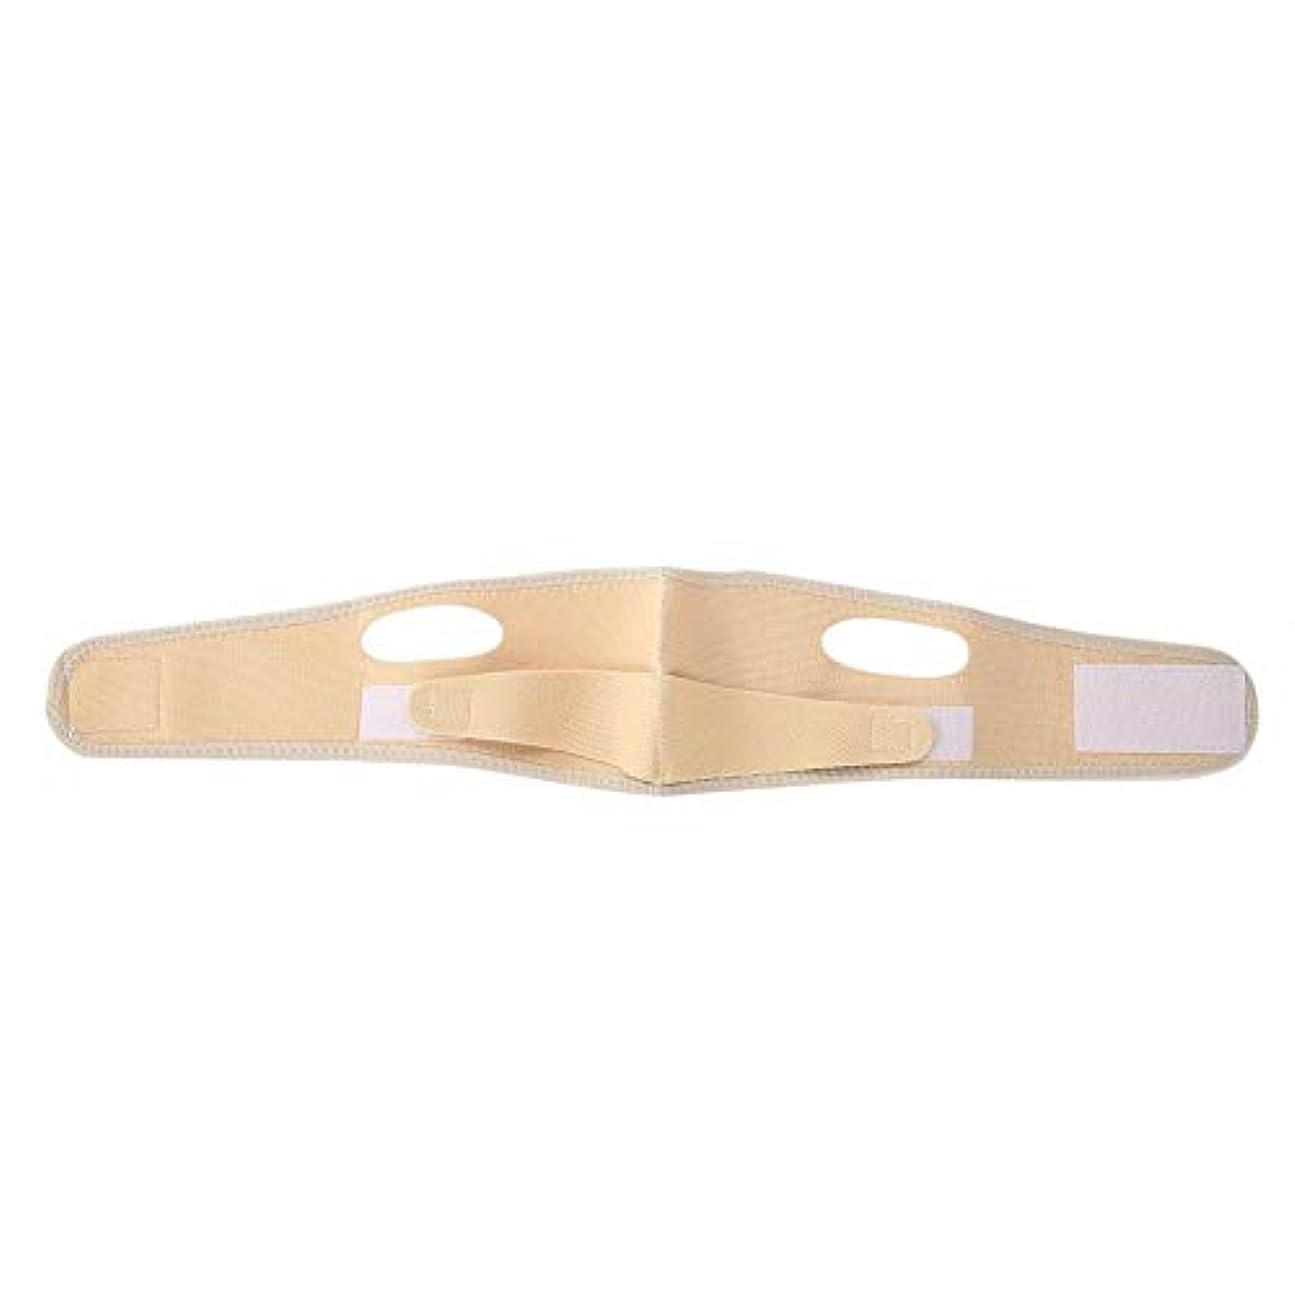 薄い顔のマスク顔の顔を持ち上げる包帯2種類(1#)